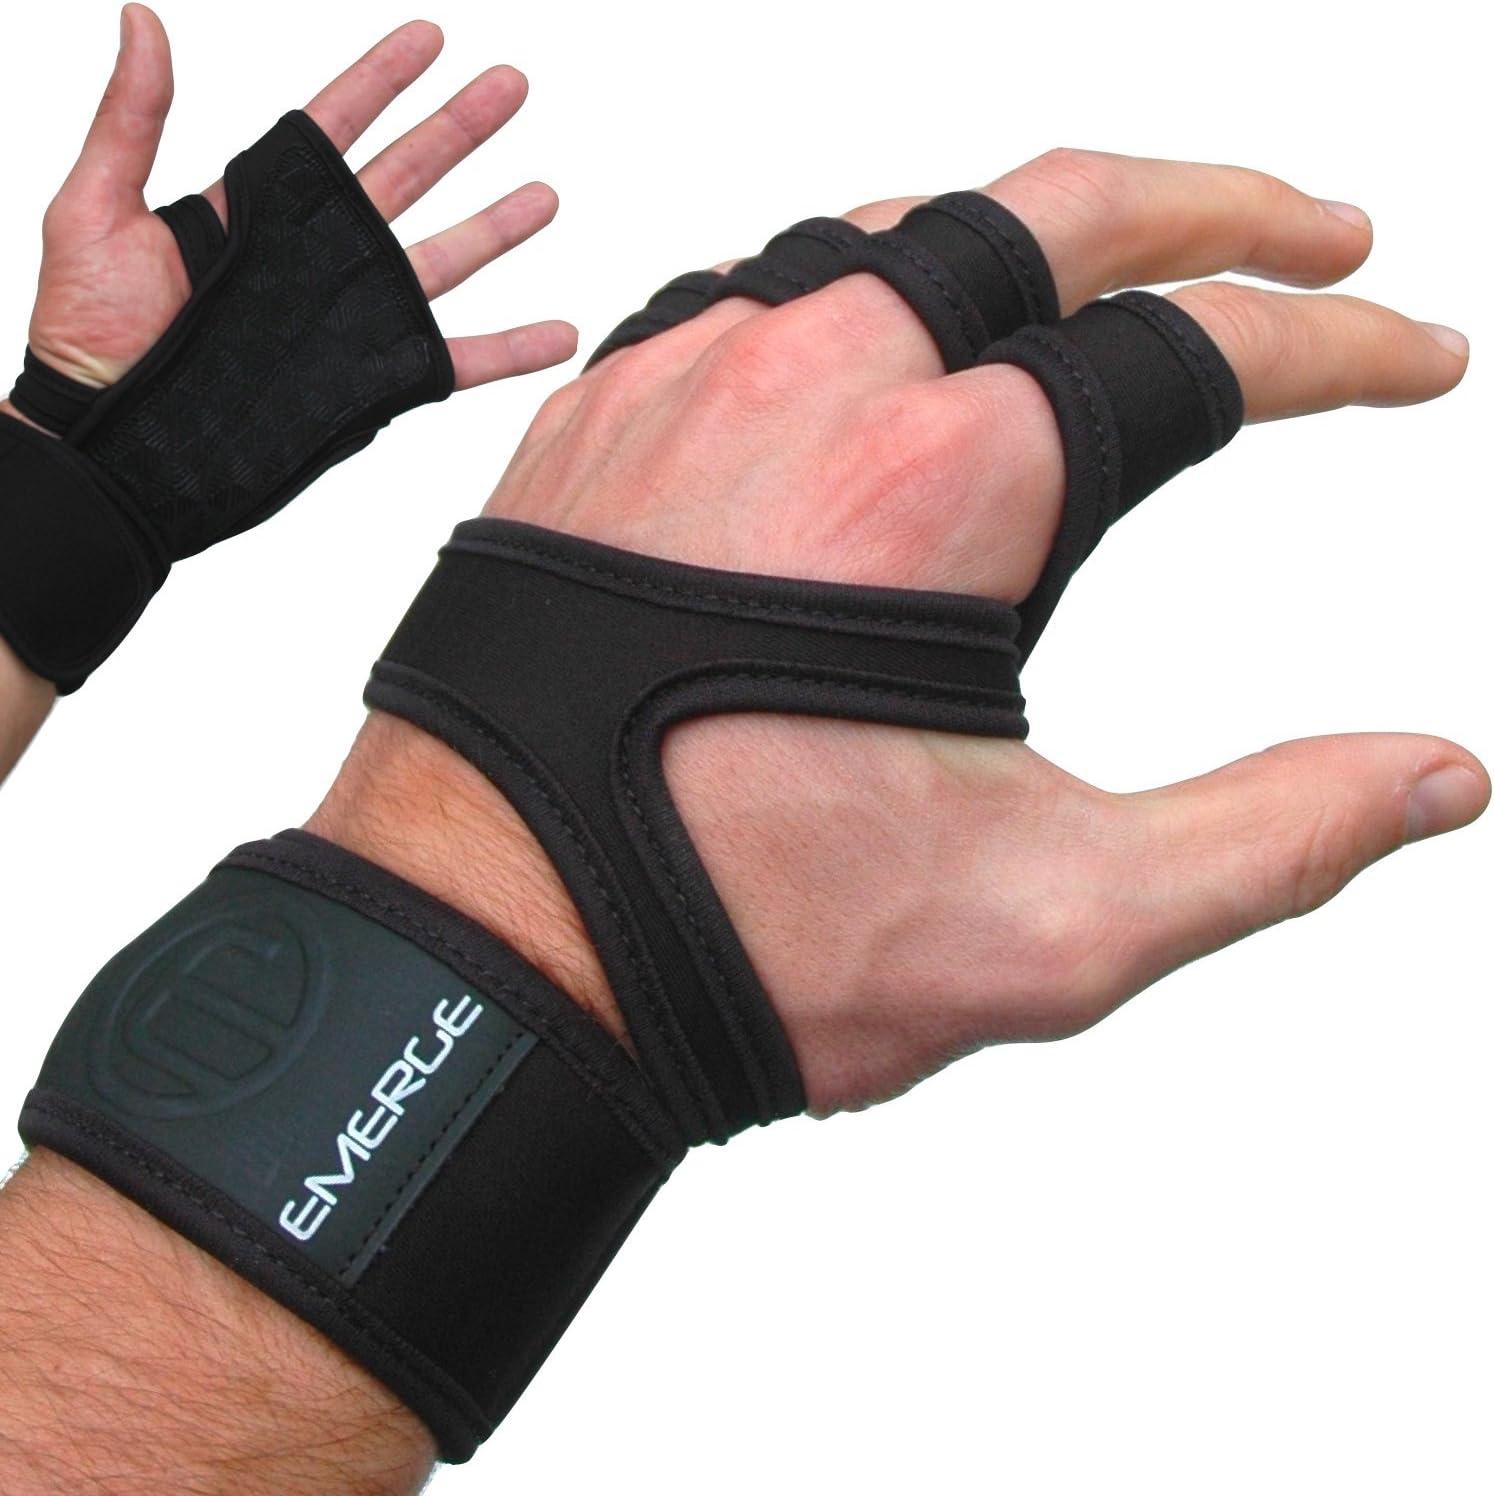 Pull Up Gants de fitness–Unique solide à la main protecteurs pour poignet avec poignées–confortable pour gymnastique et WOD Cross Training–mieux que Gants d'haltérophilie Coussinets d'ou Emerge–100% garantie